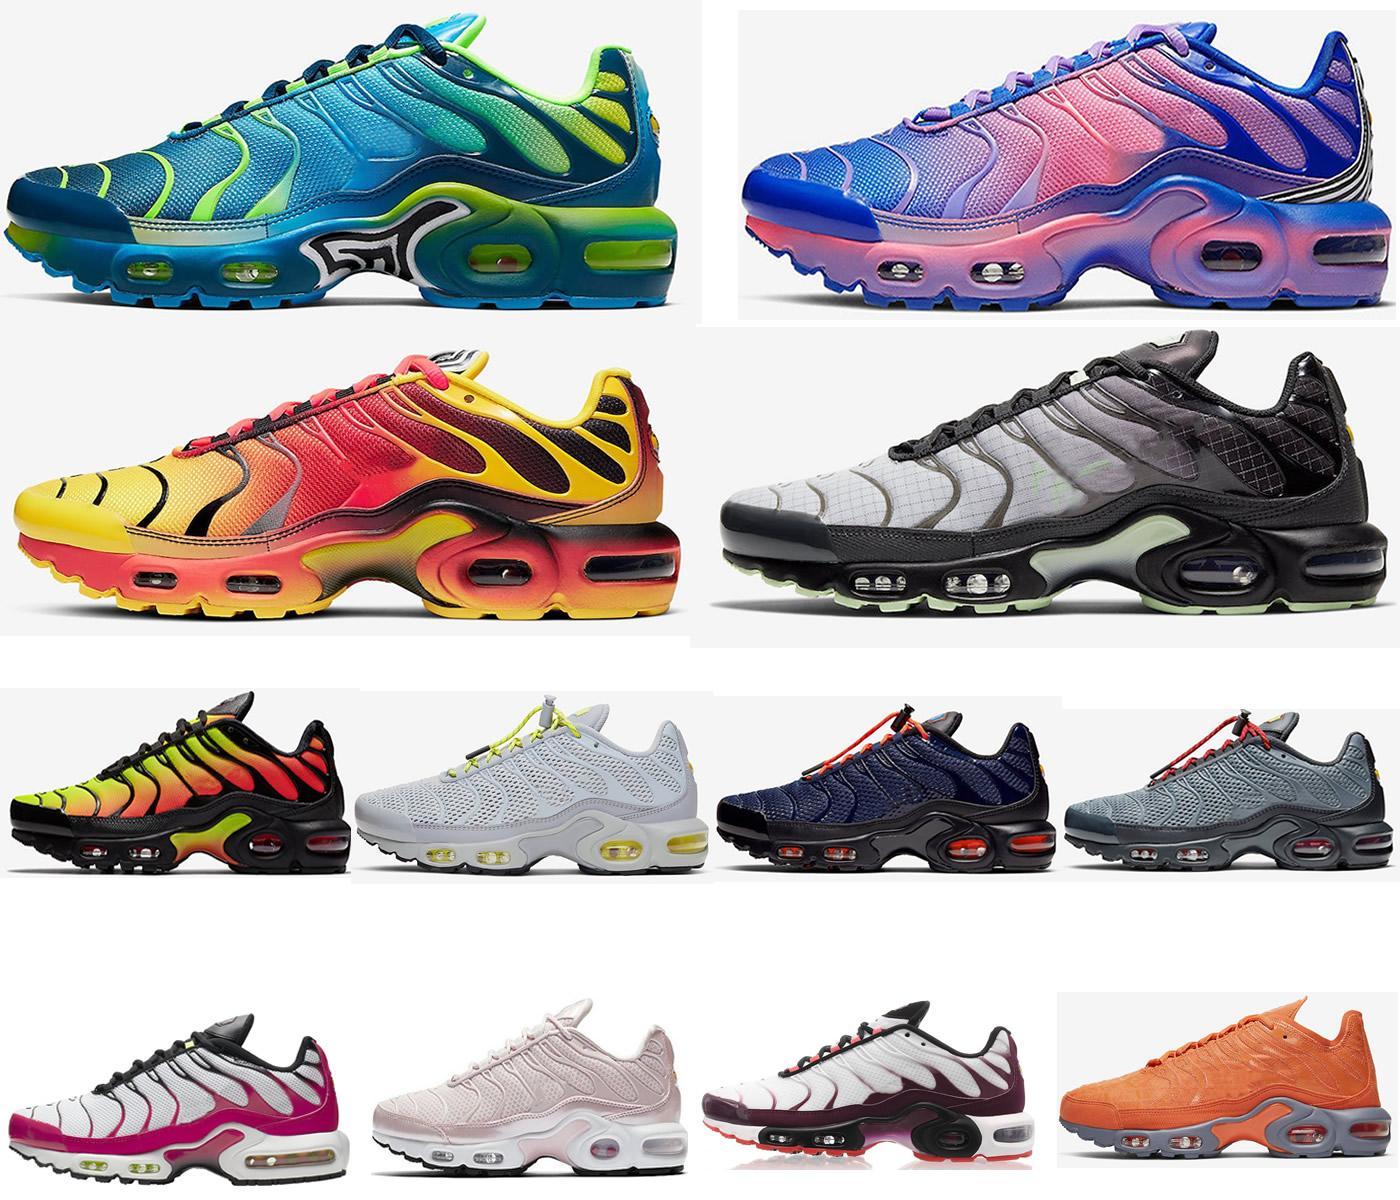 Miglior Uomo Donna Lana Nike air max airmax vapormax TN Inoltre Scarpe da corsa Grigio Gioco Reale Tropical Sunset Creamsicle Designer Shoes sneakers sport